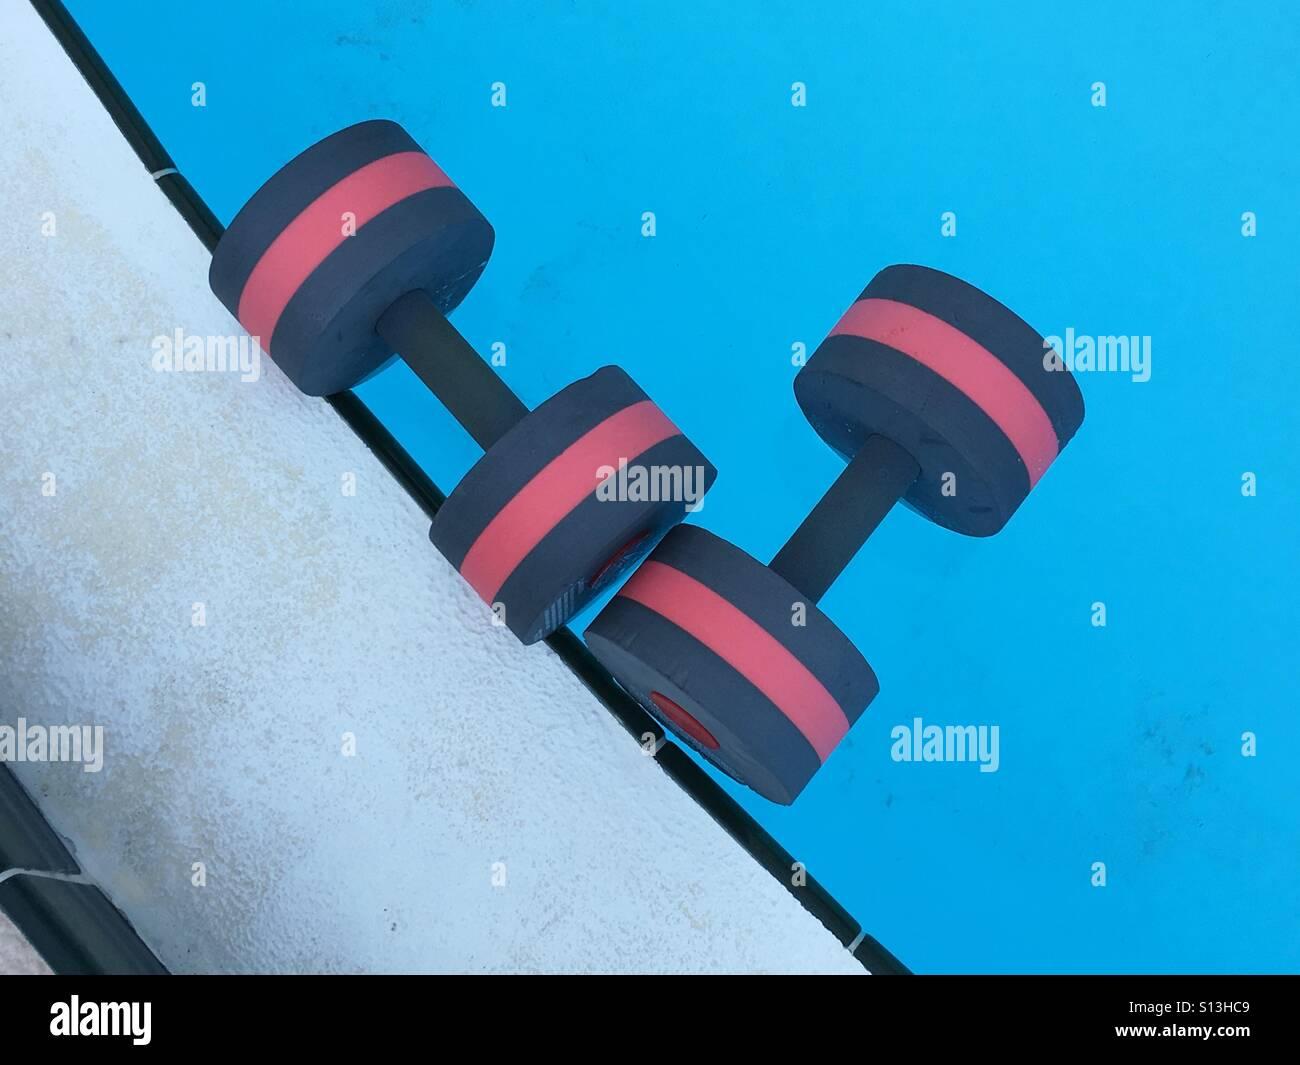 Ejercicios aeróbicos en el agua barras flotando en una piscina Imagen De Stock